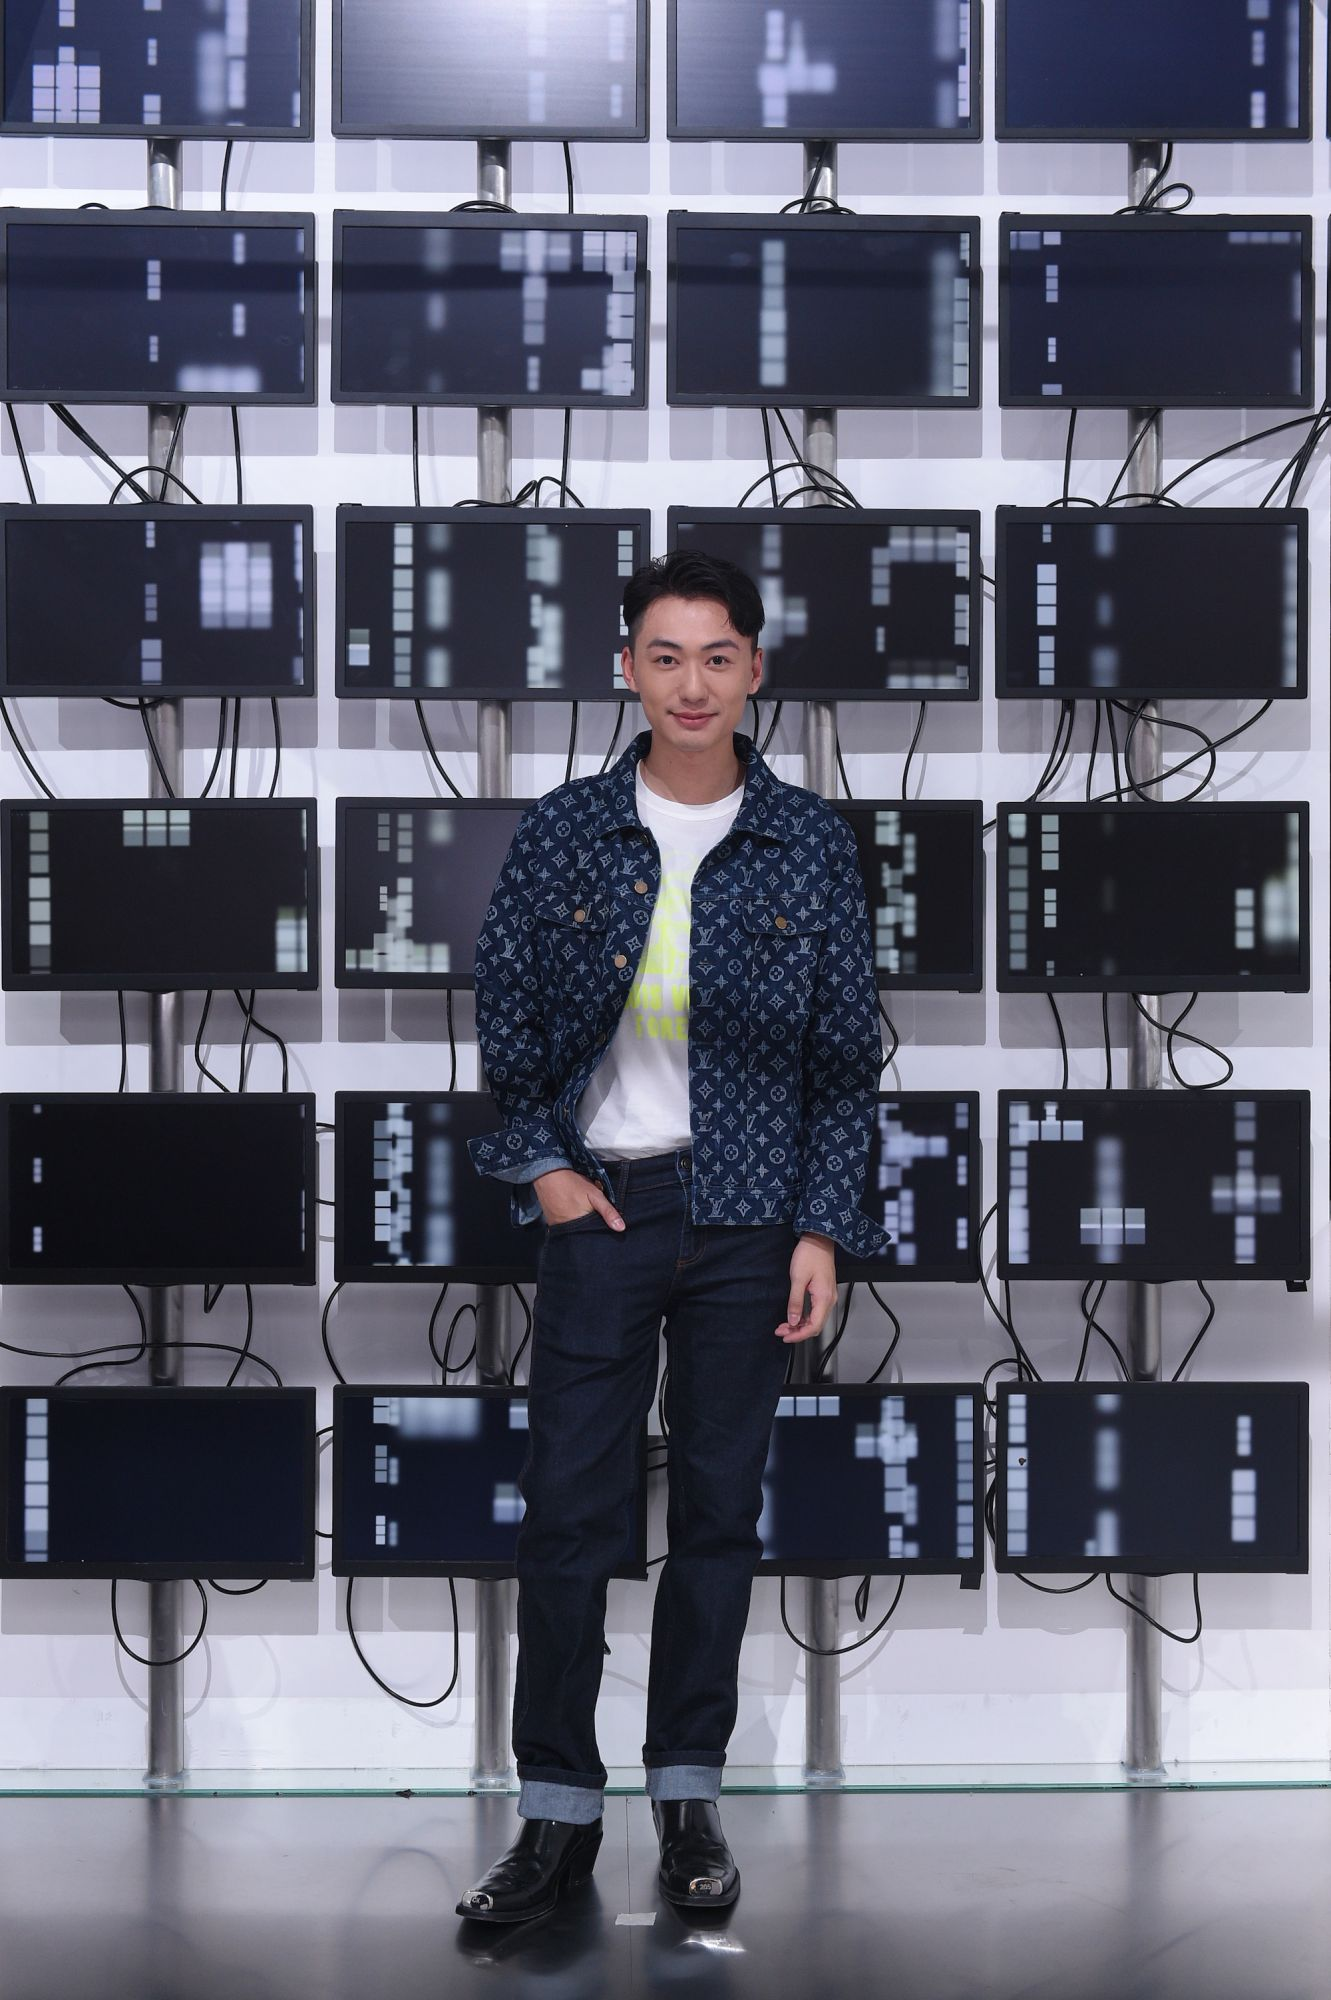 Charles Lam